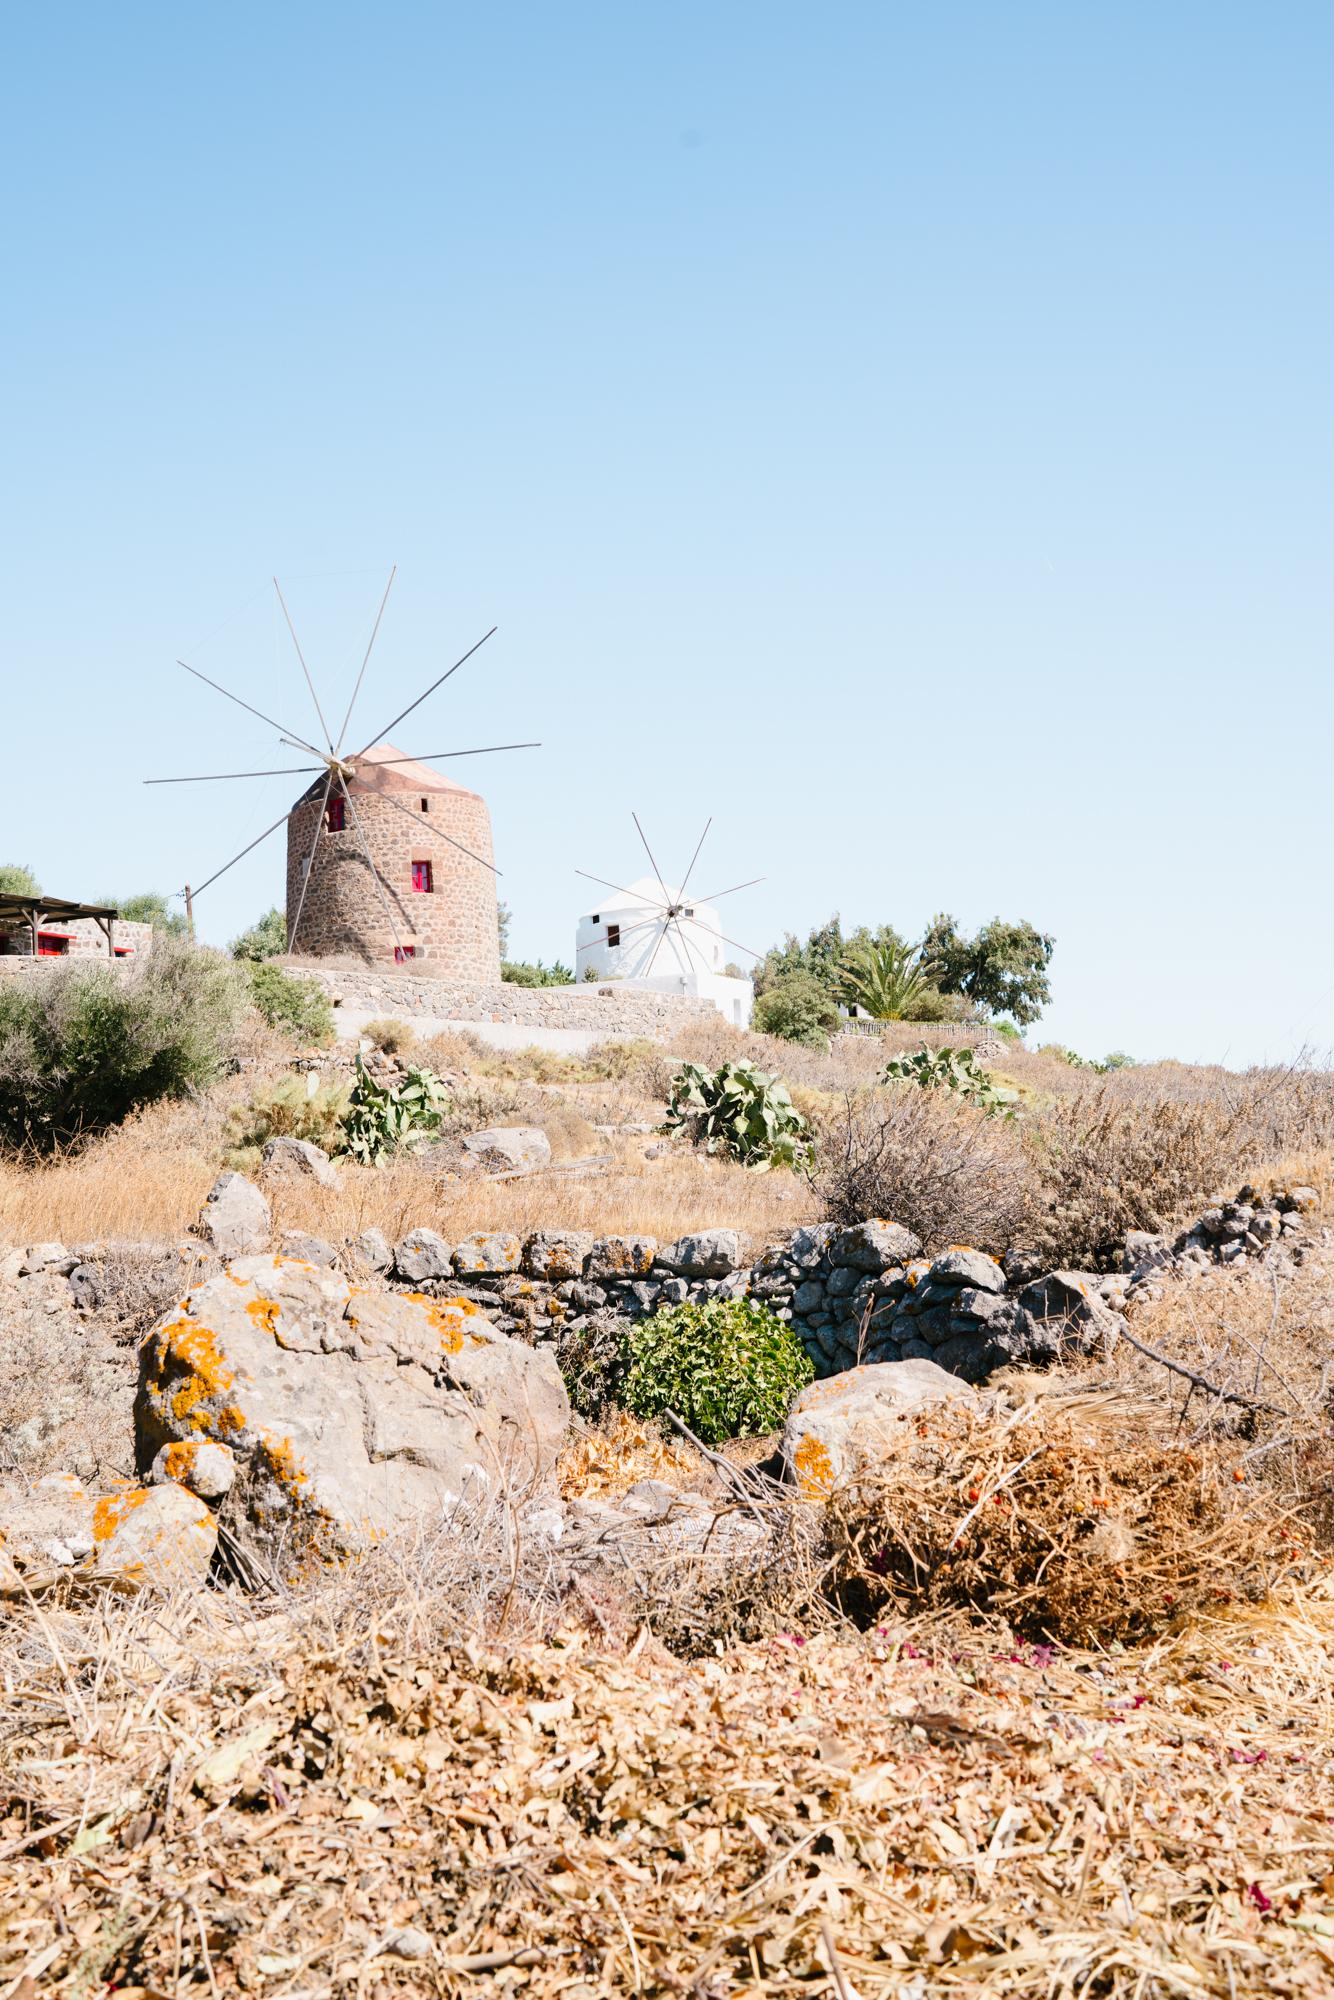 Windmills in Milos, Greece